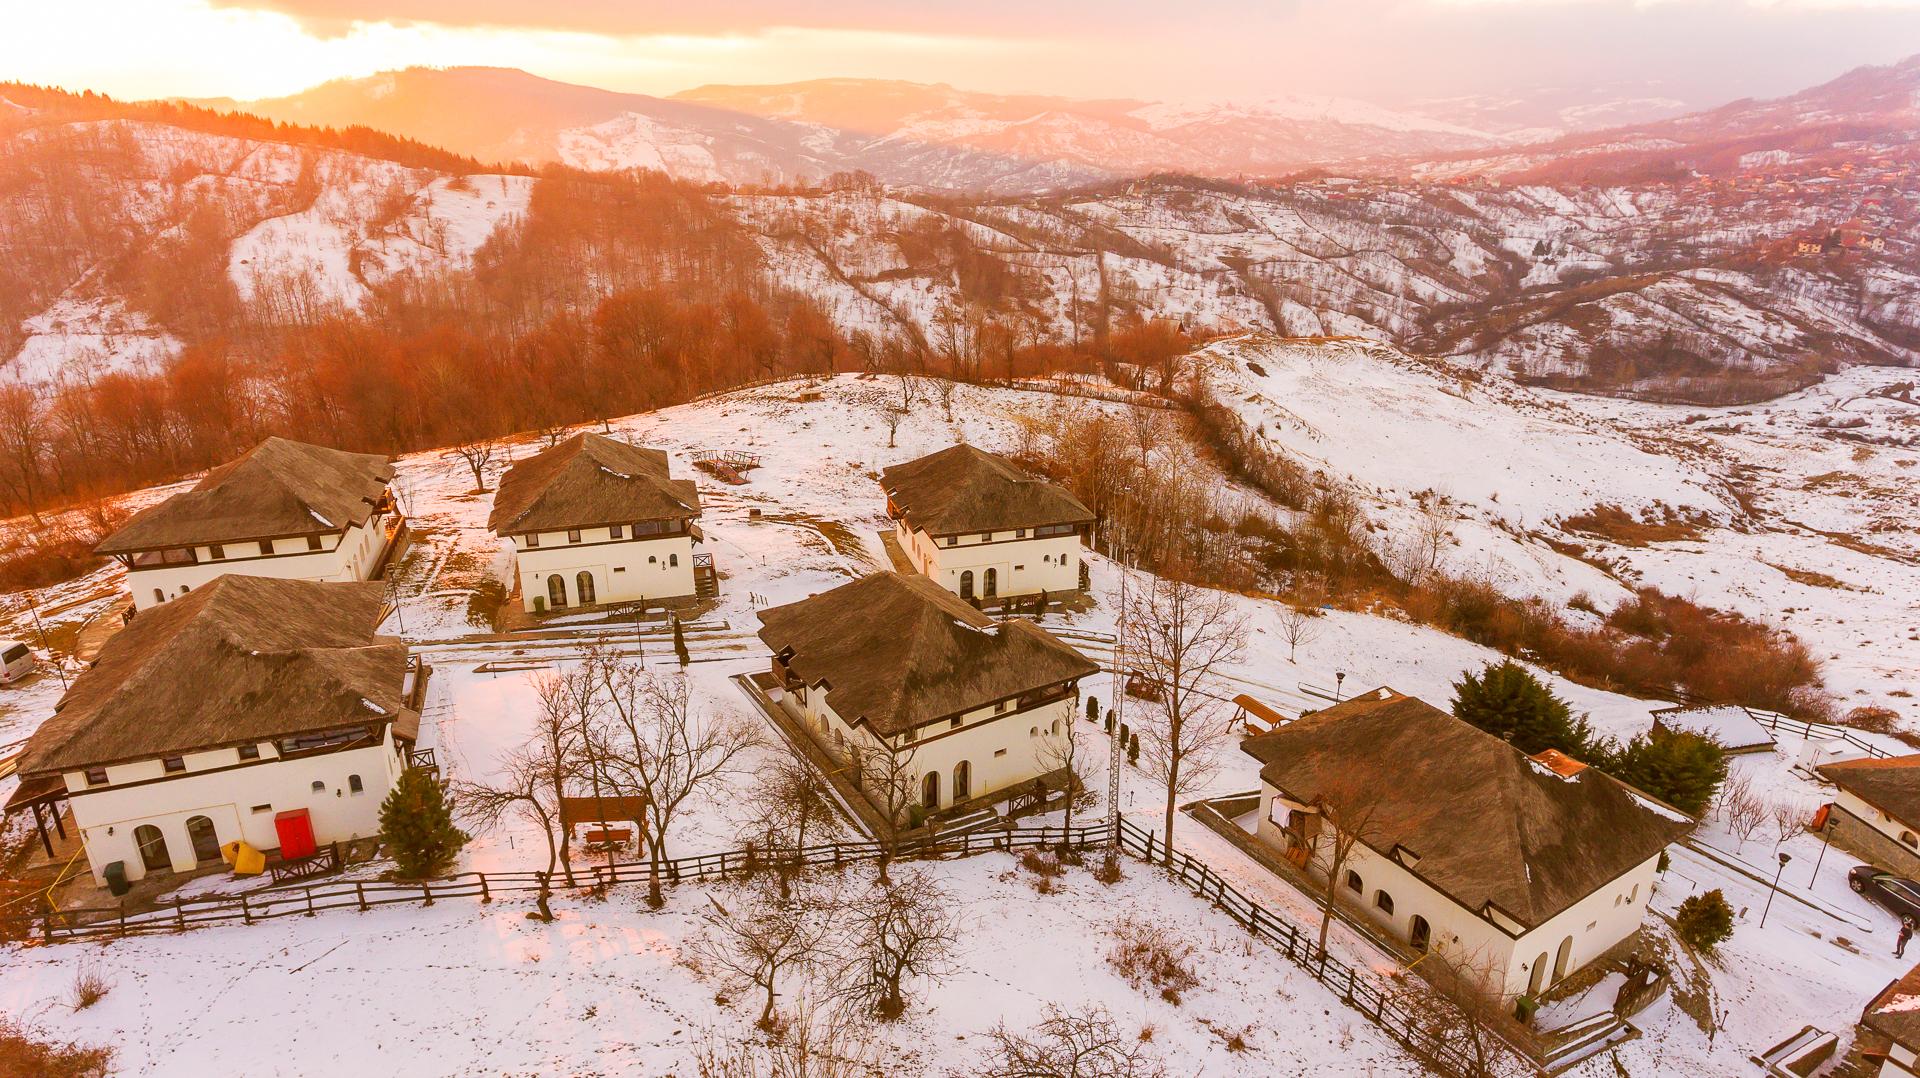 SatulPrunilor_Iarna_Exterior_015